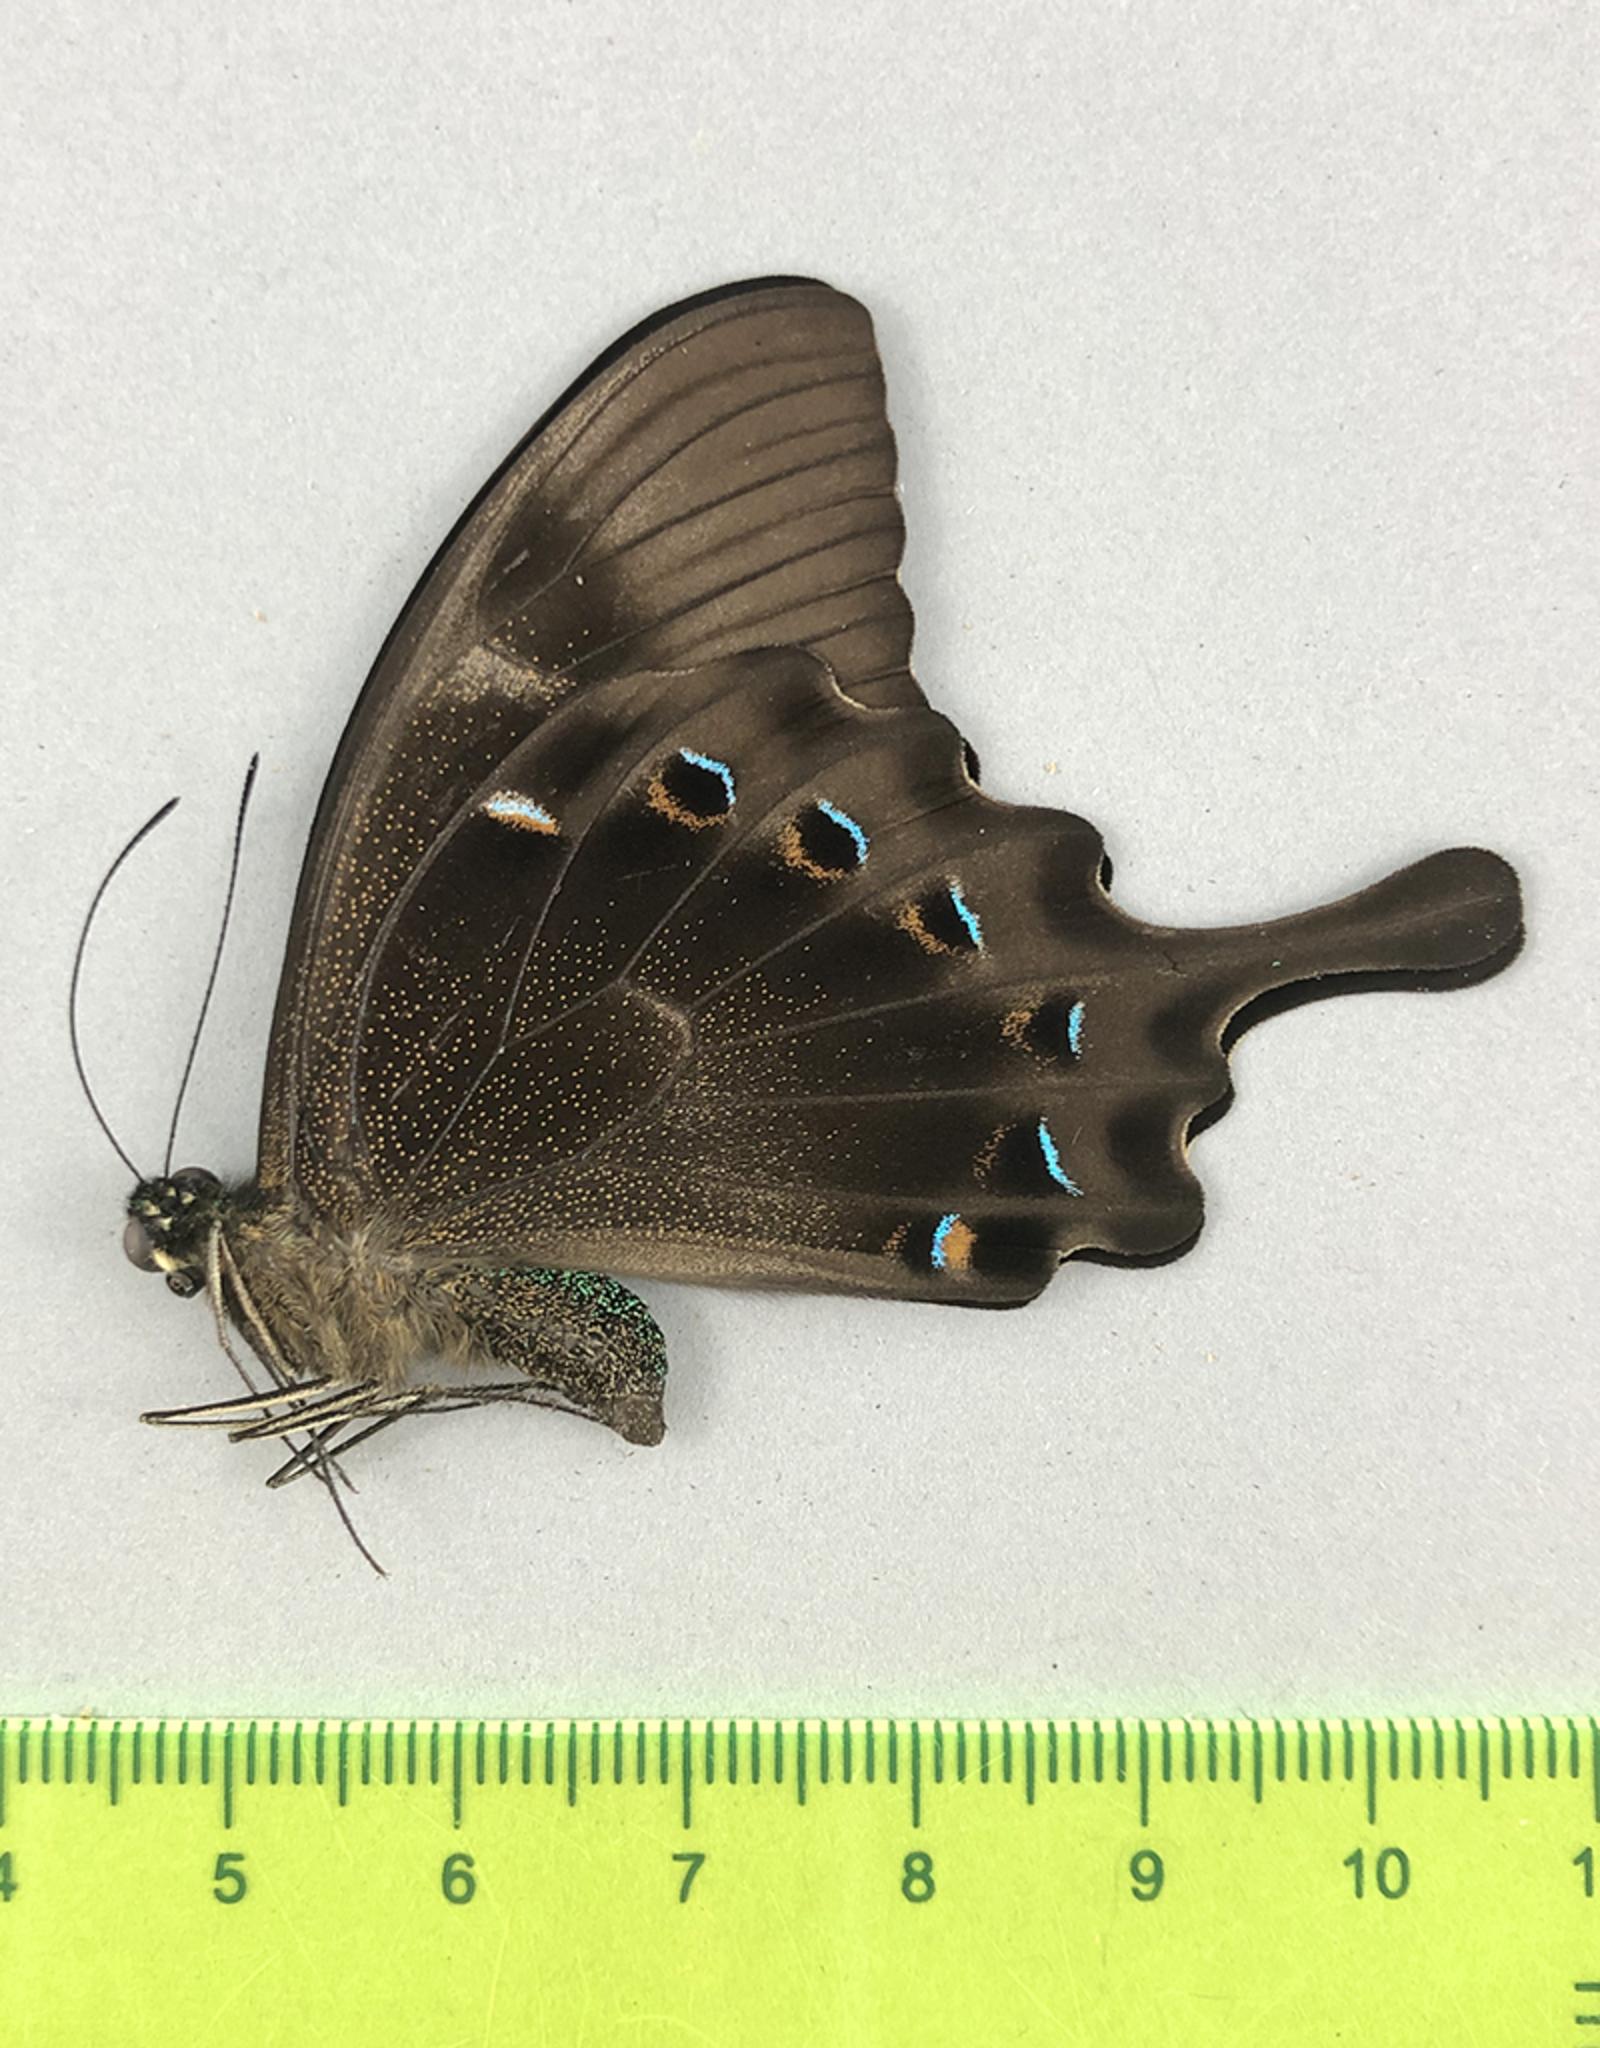 Papilio lorquinianus albertisi M A1/A1- Indonesia